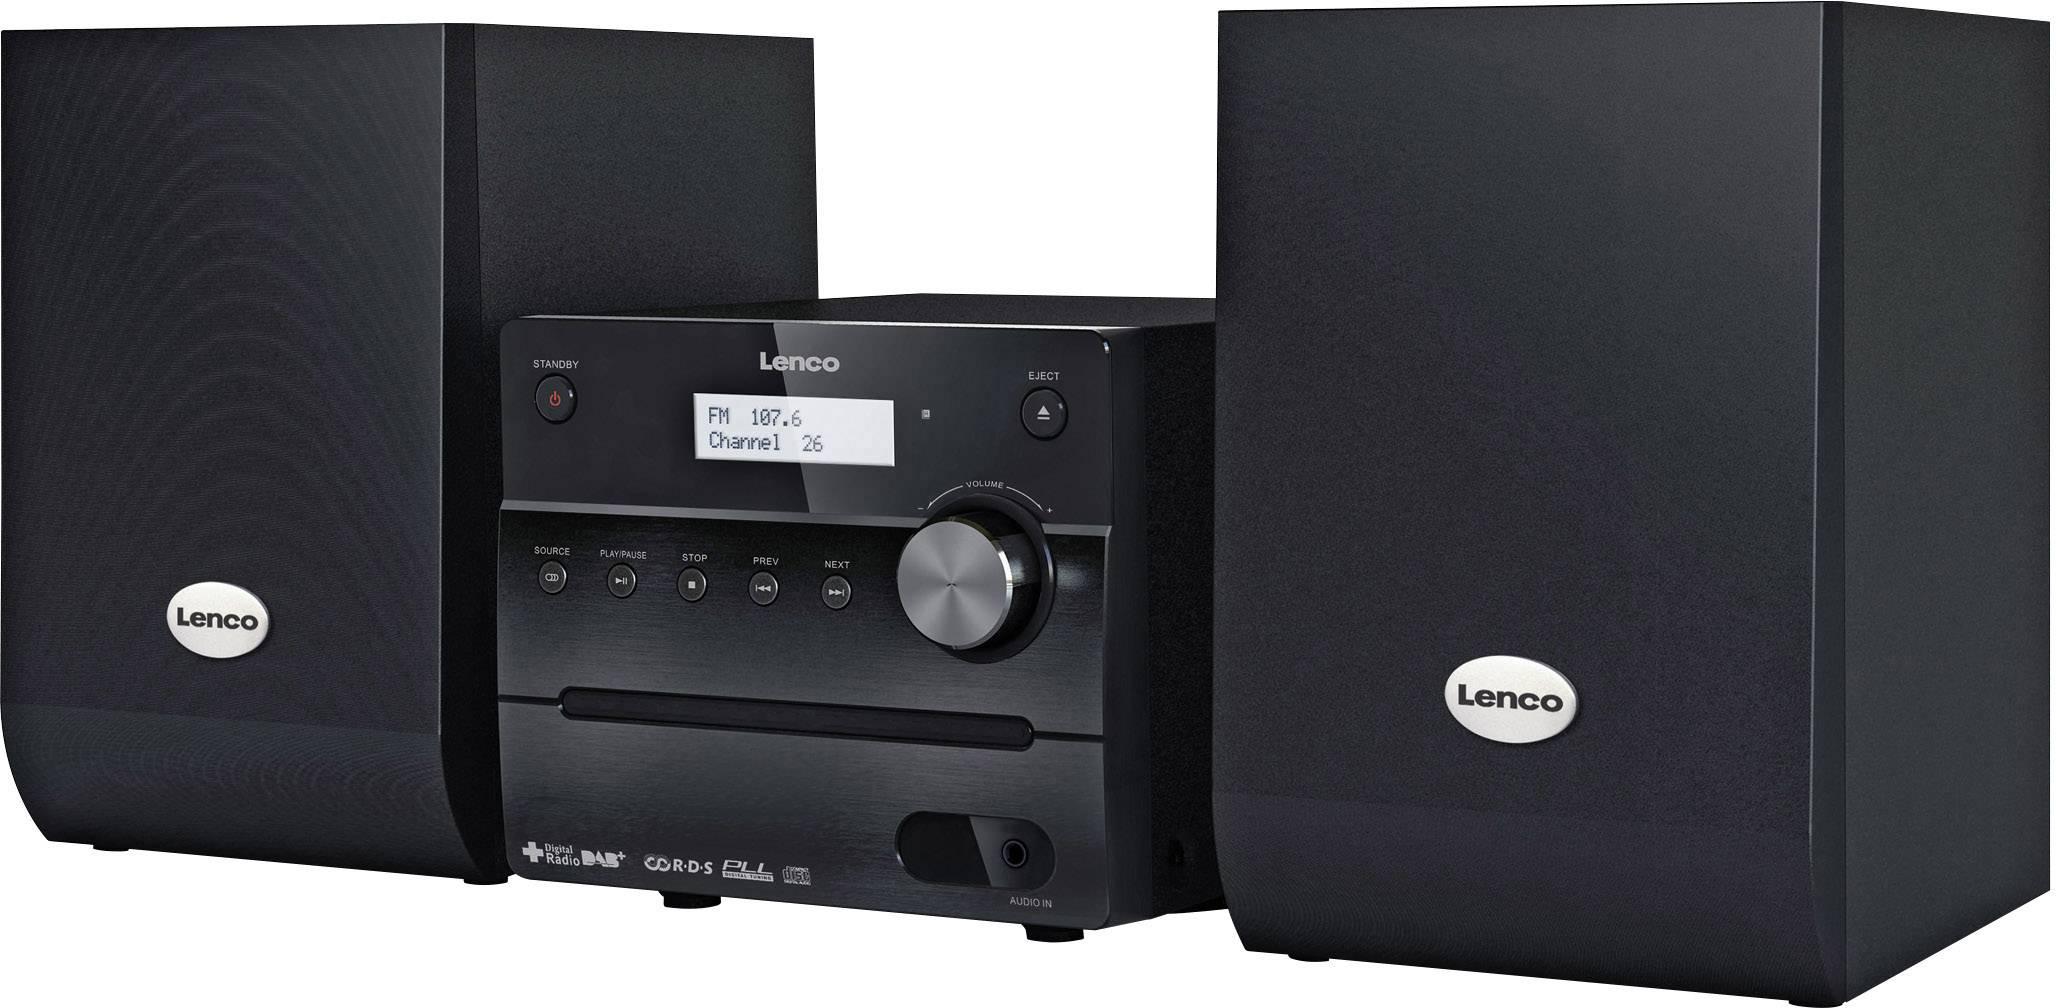 Stereo systém Lenco MC-148 DAB+, AUX, CD, DAB+, FM, 10 W, černá